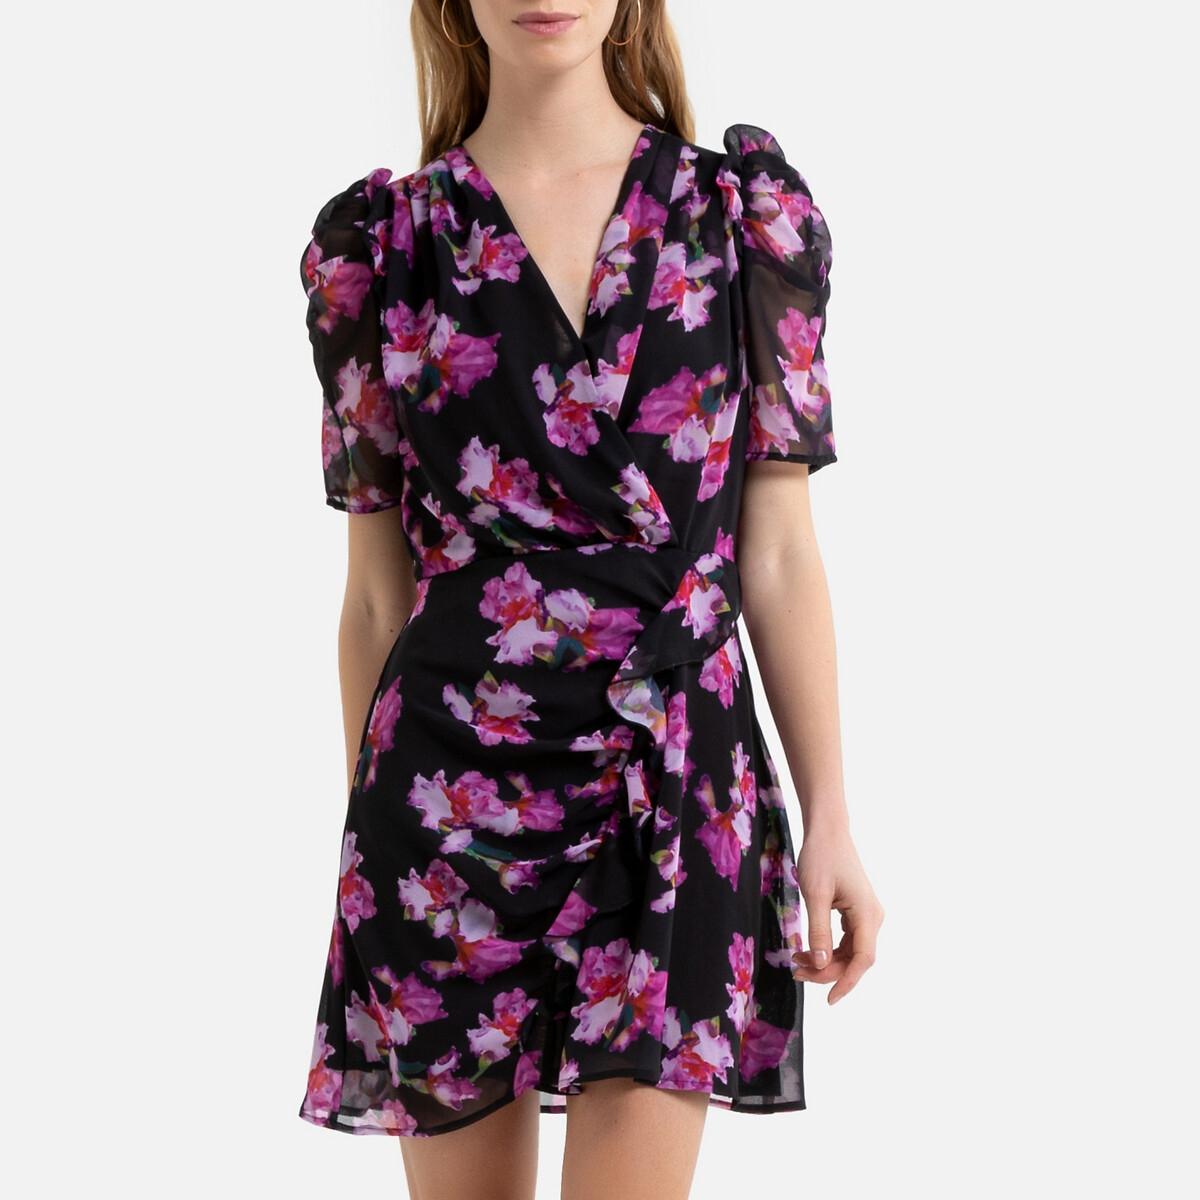 Платье La Redoute Короткое с запахом с цветочным рисунком 46 (FR) - 52 (RUS) фиолетовый платье la redoute с запахом и цветочным рисунком 46 fr 52 rus другие